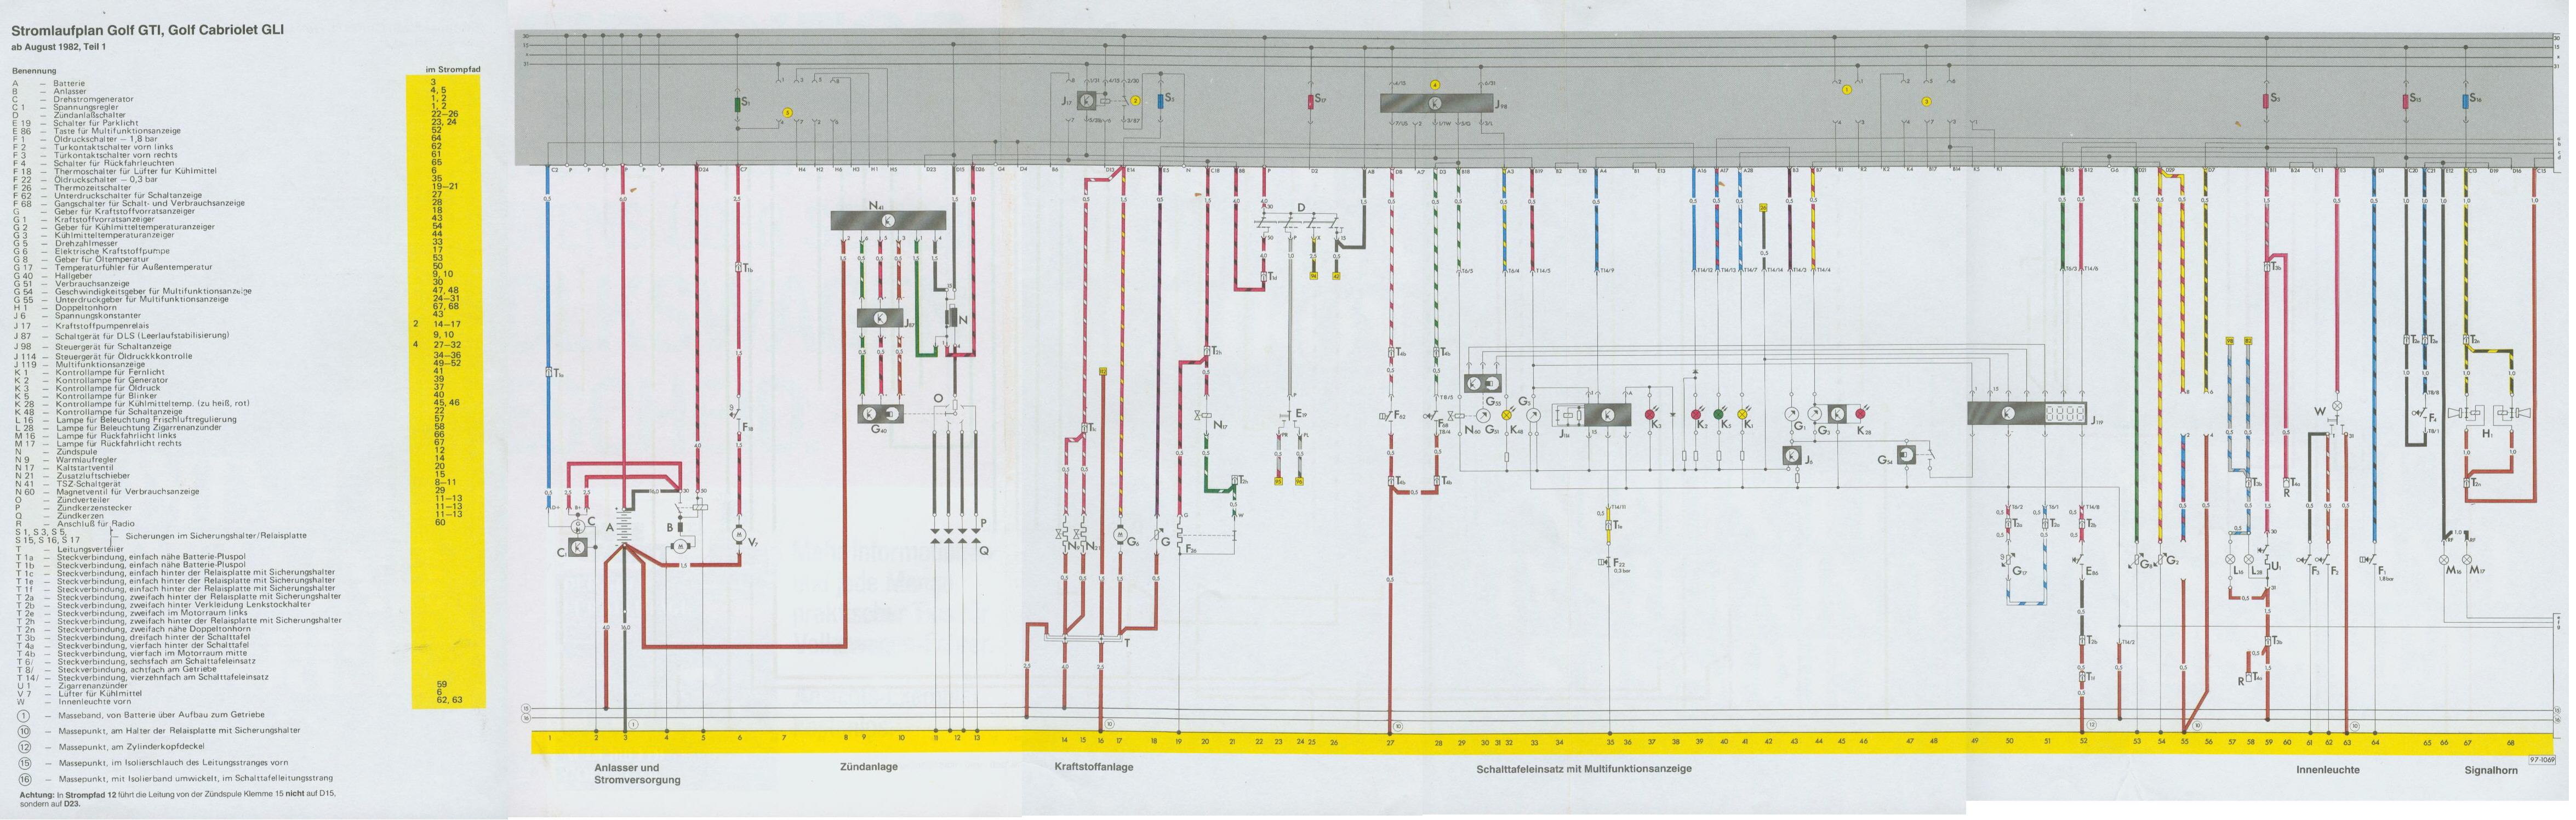 Großartig 3 Schalter 1 Lichtschaltplan Galerie - Elektrische ...